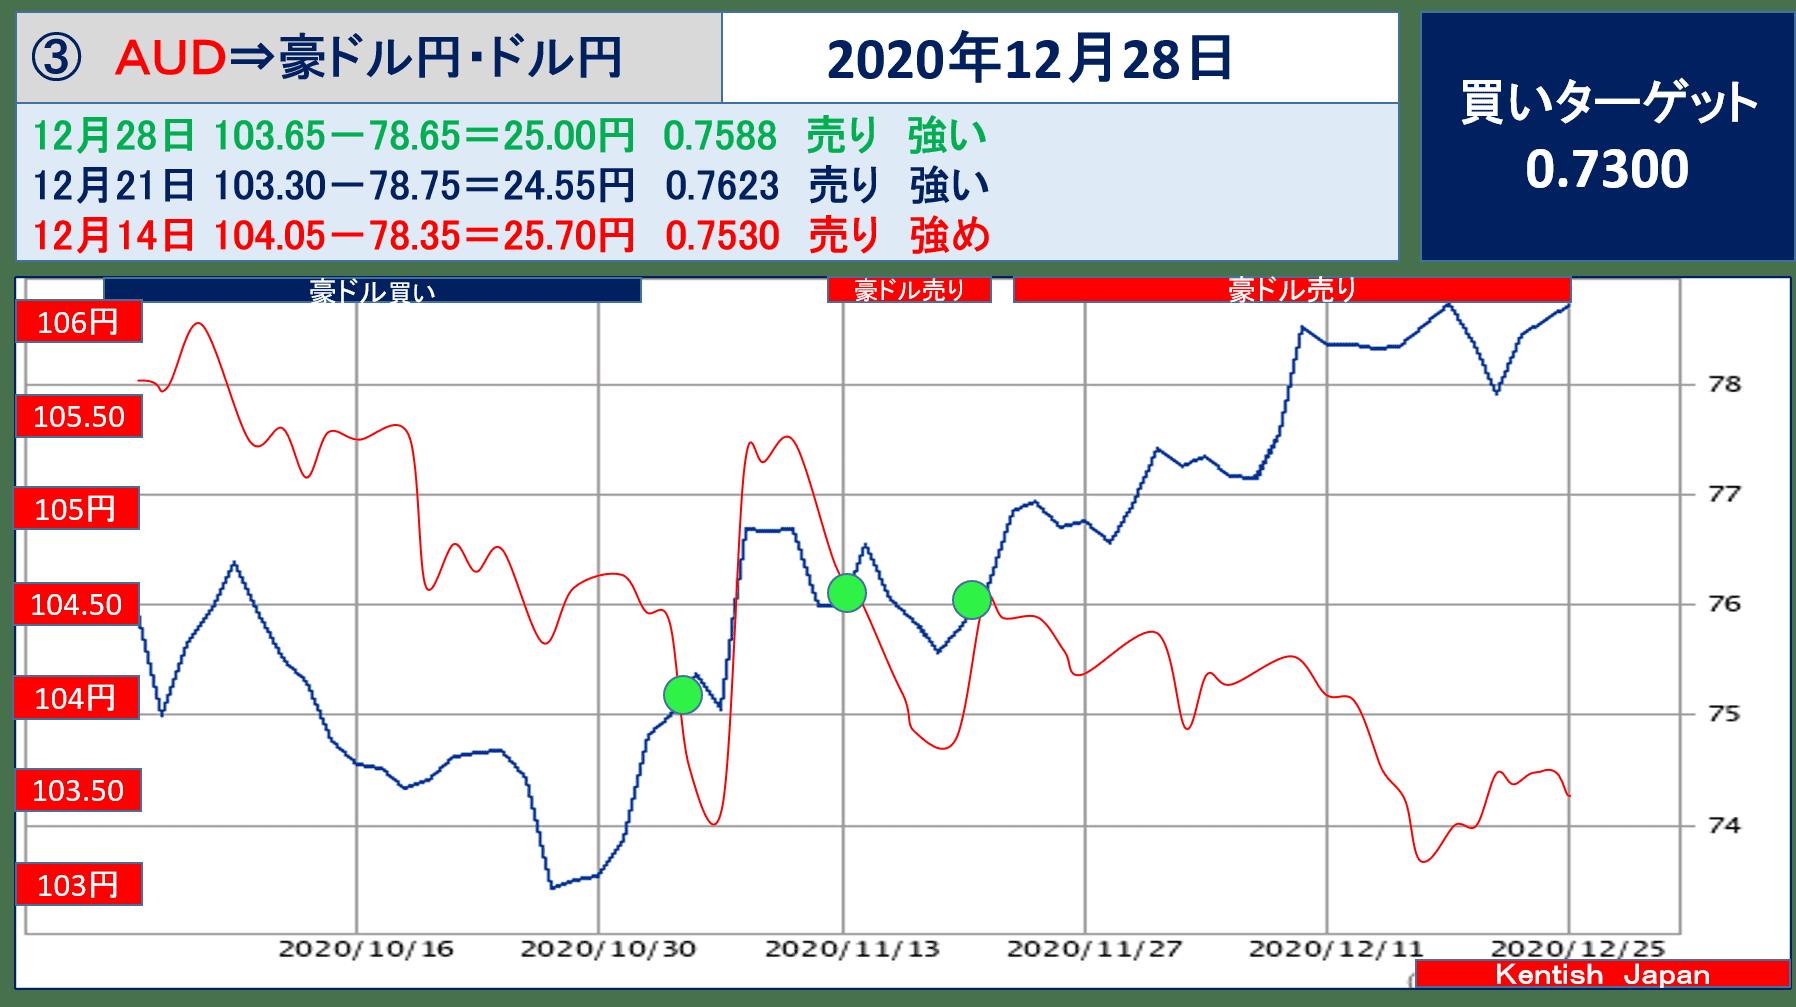 2020年12月28日豪ドル(ドル円-豪ドル円)